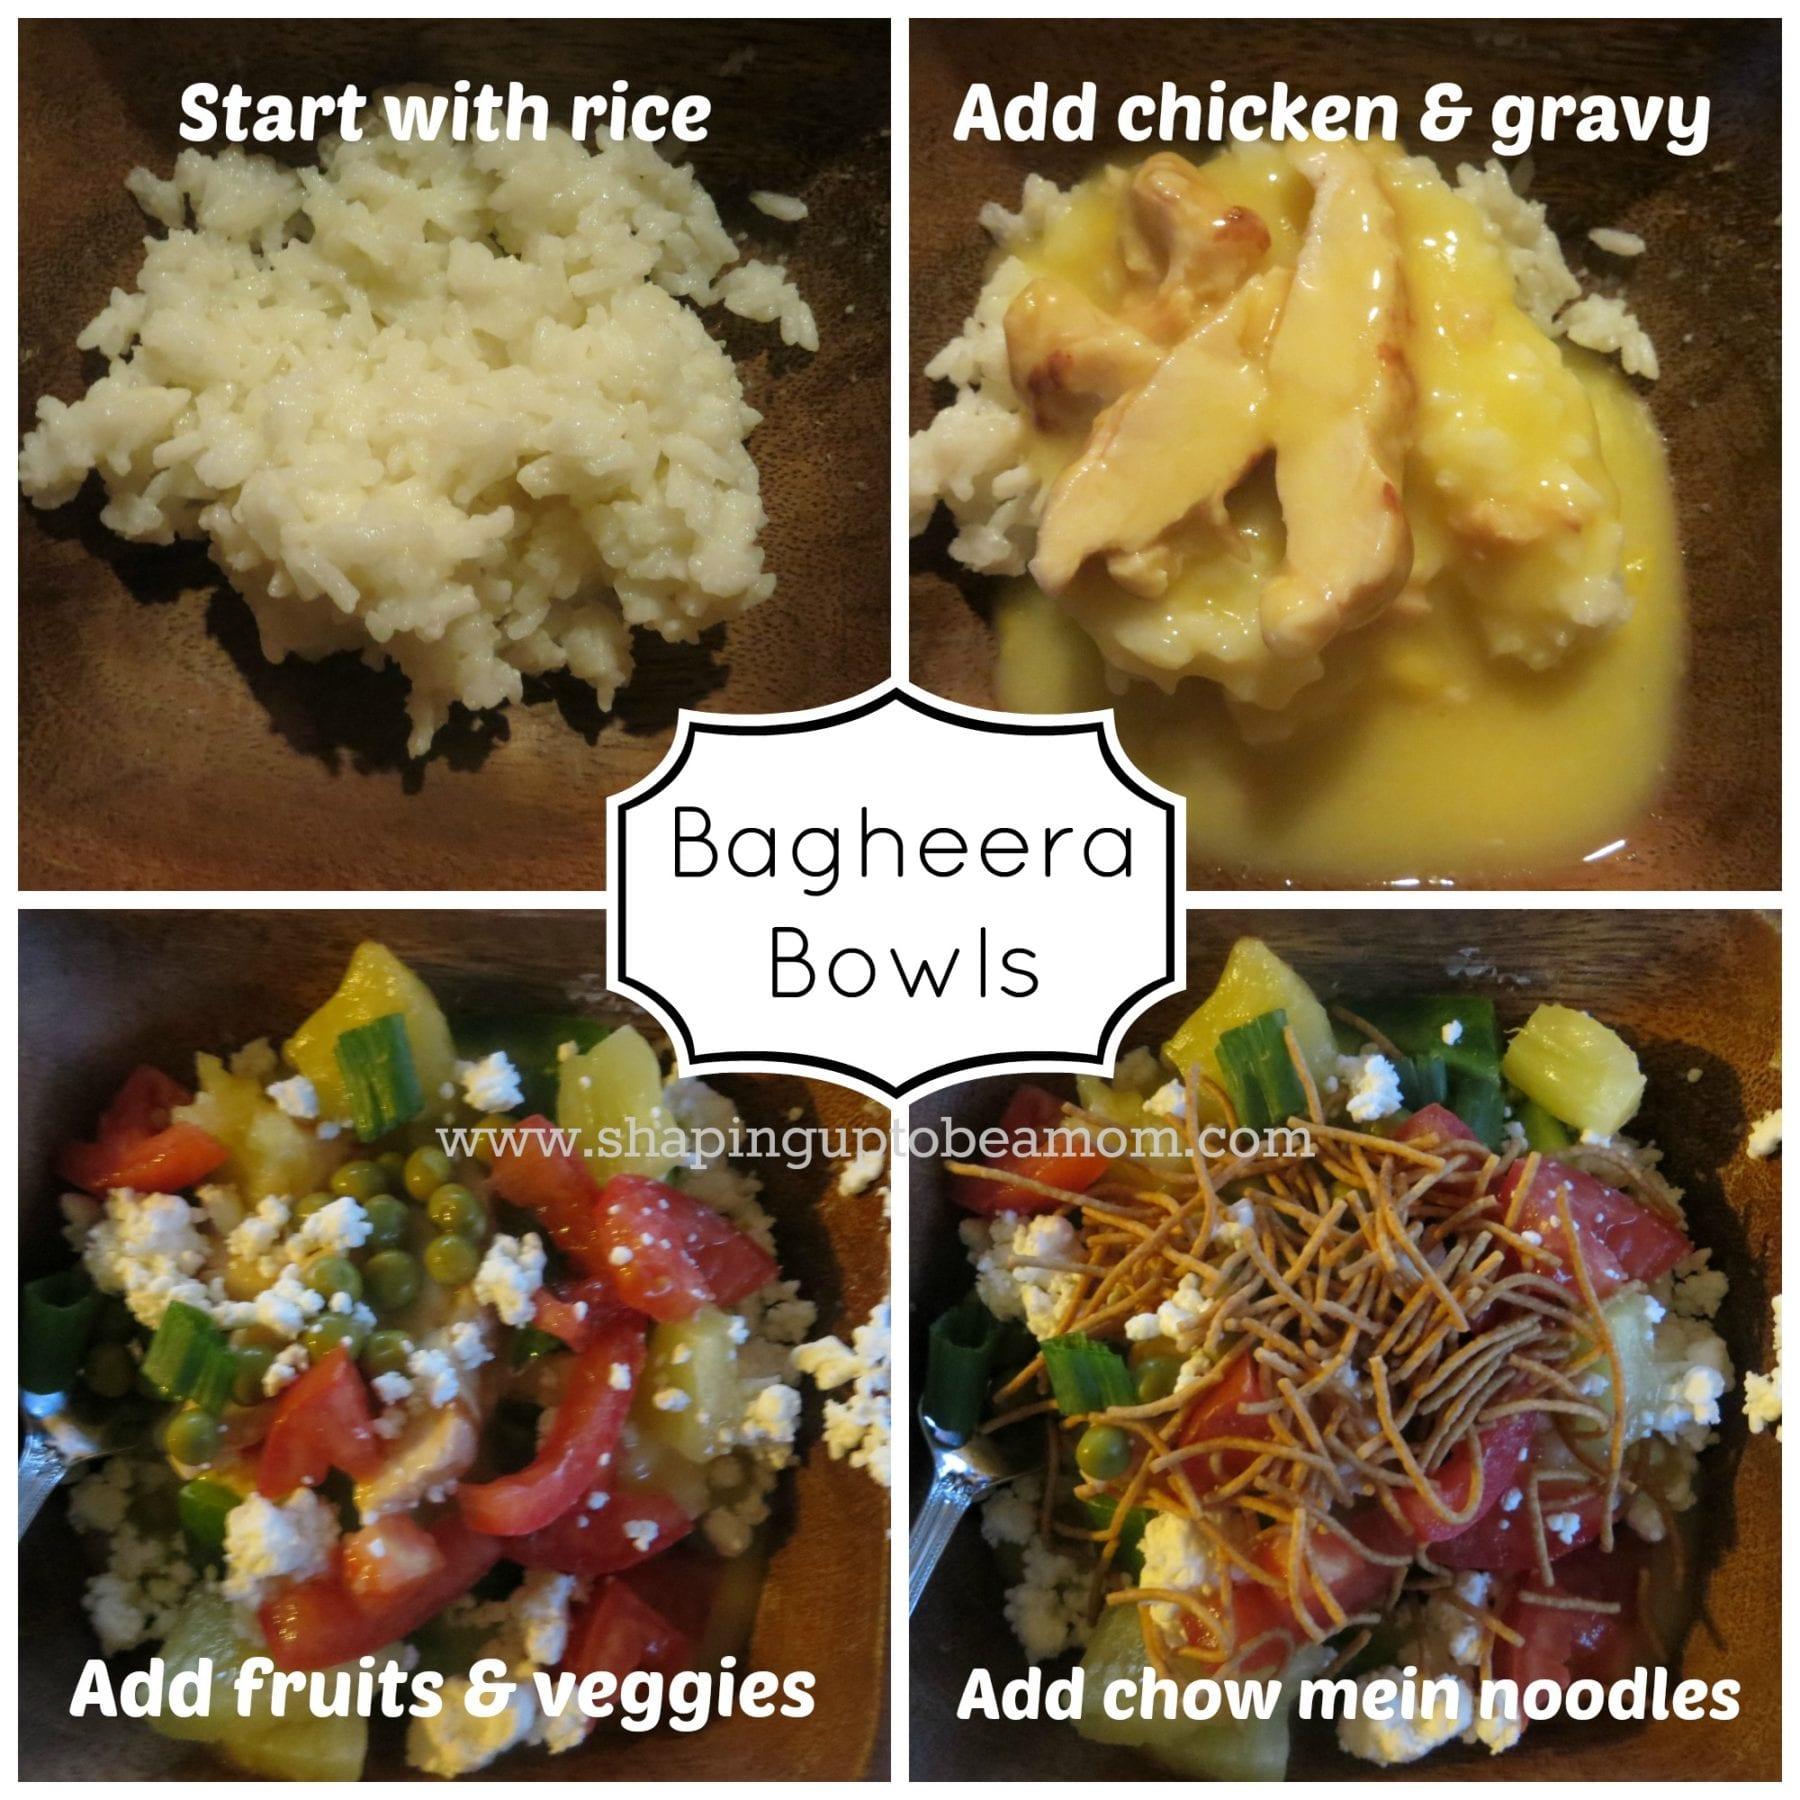 Bagheera Bowls recipe